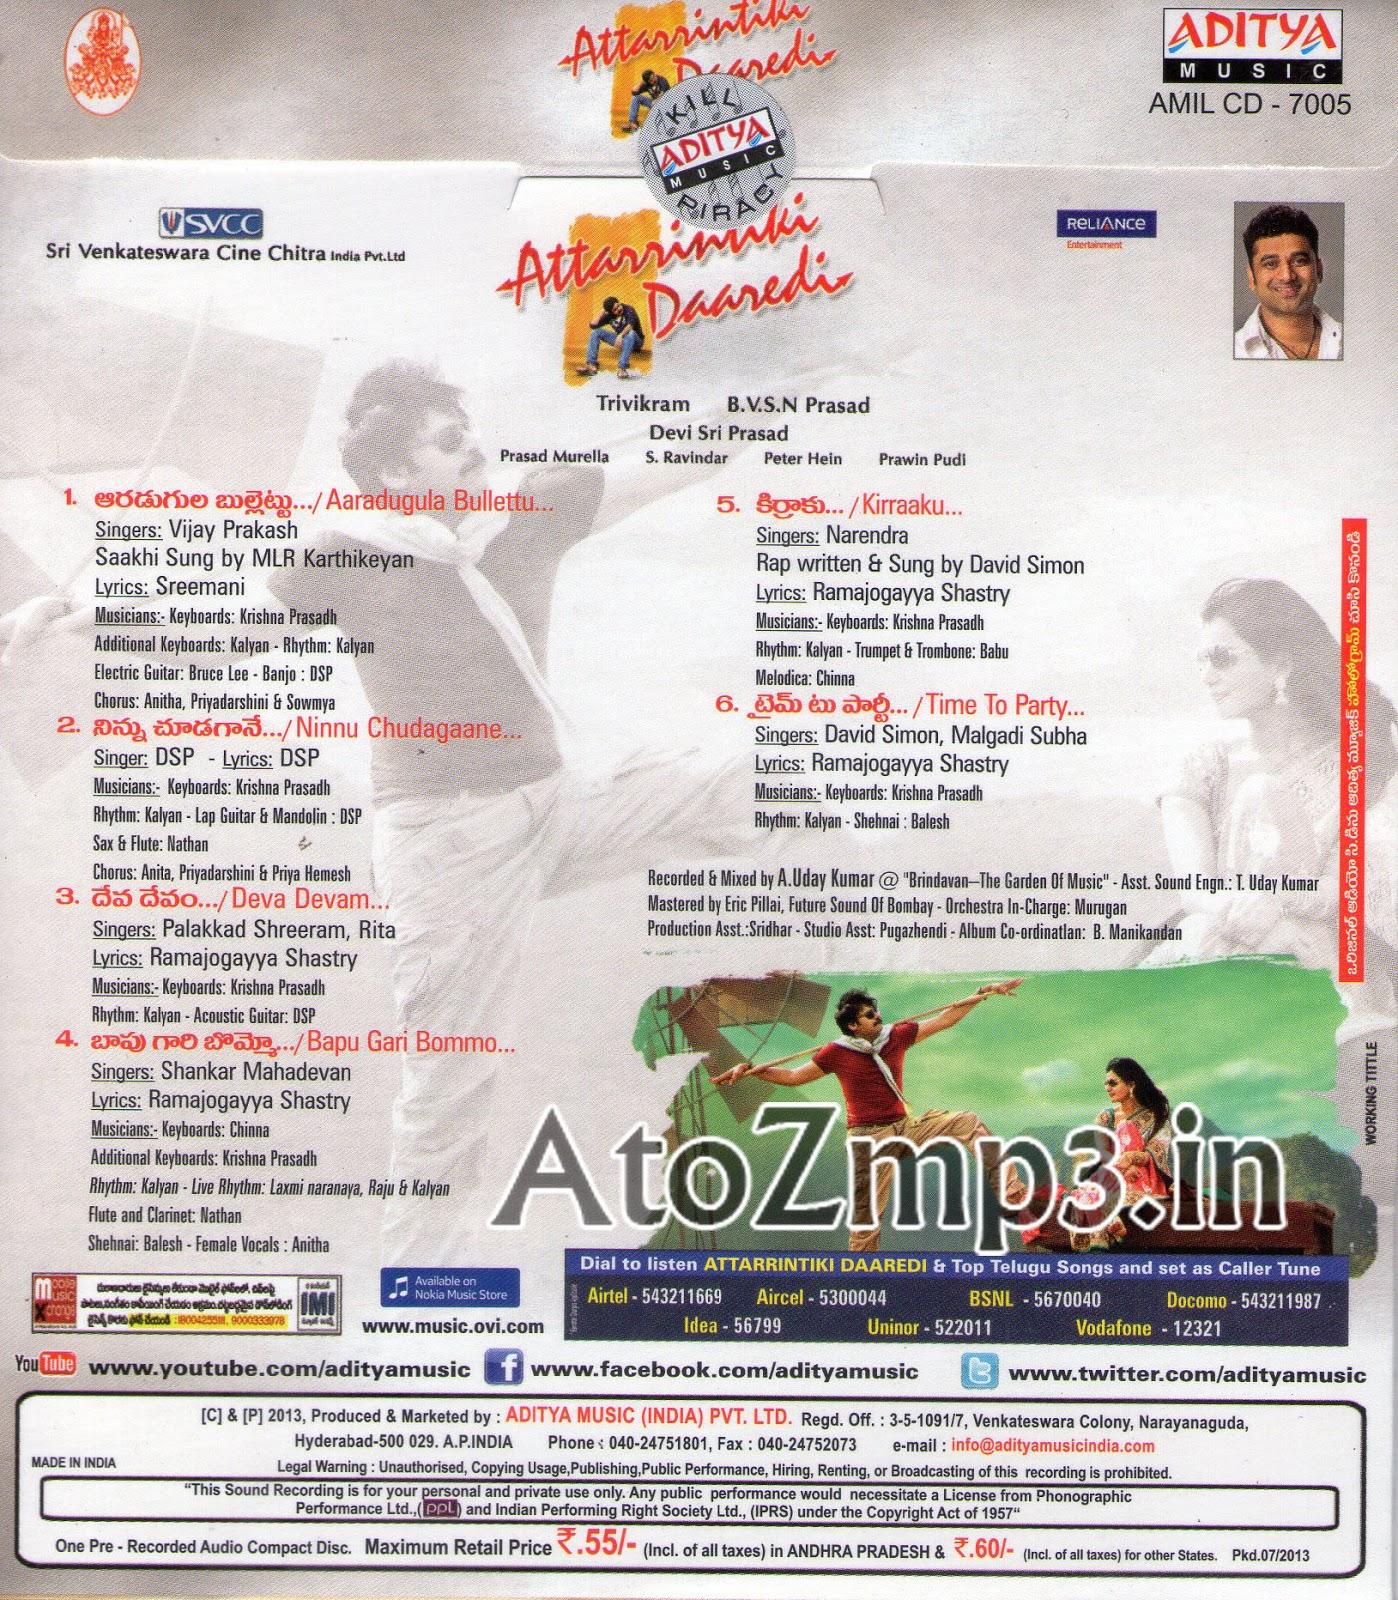 Im A Rider Song Download 320kbps: Attharintiki Daaredhi (2013) Telugu Mp3 Songs Free